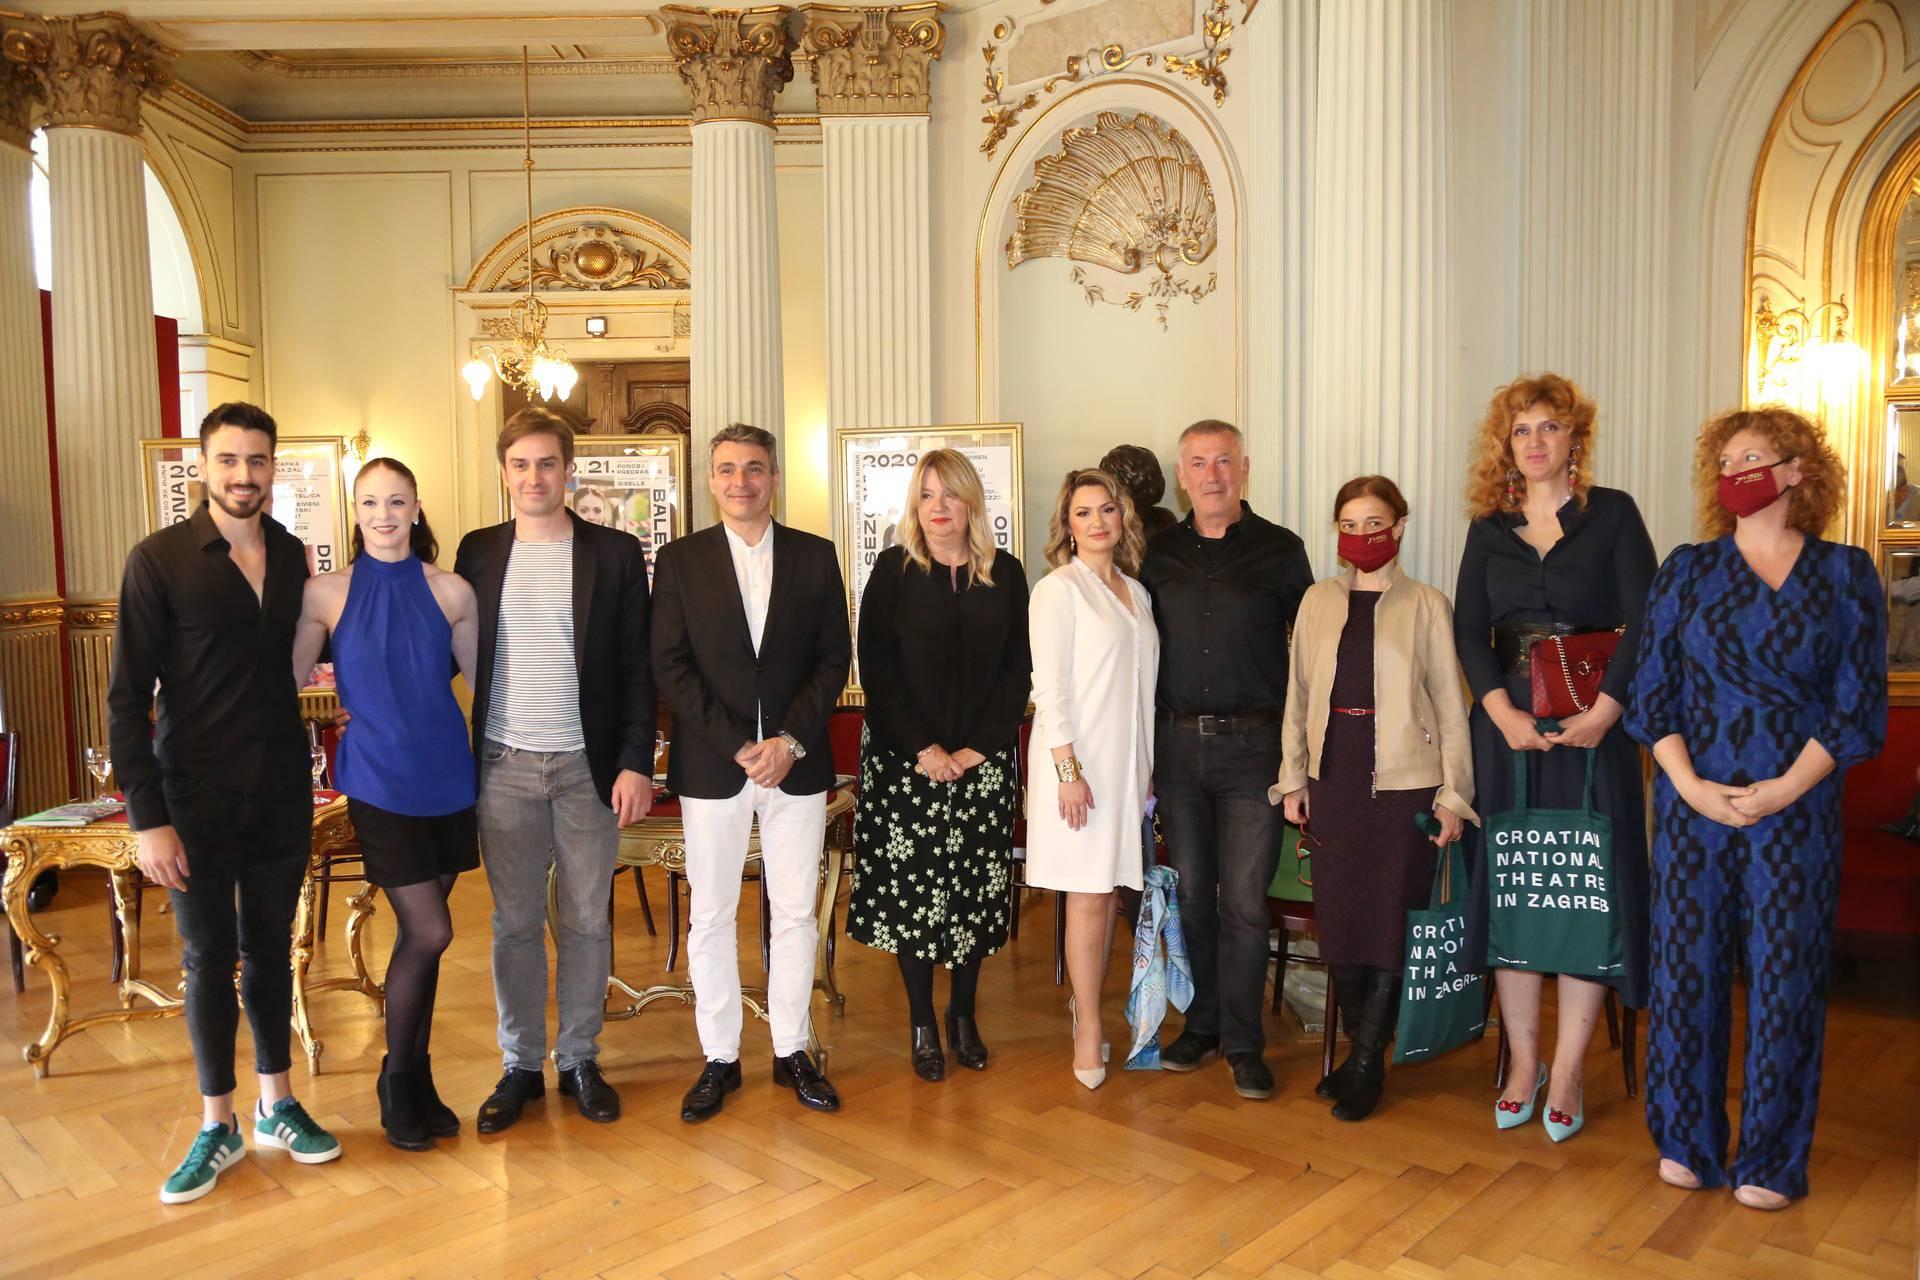 HNK je najavio novu kazališnu sezonu: Stižu poslastice za ljubitelje opere, drame i baleta